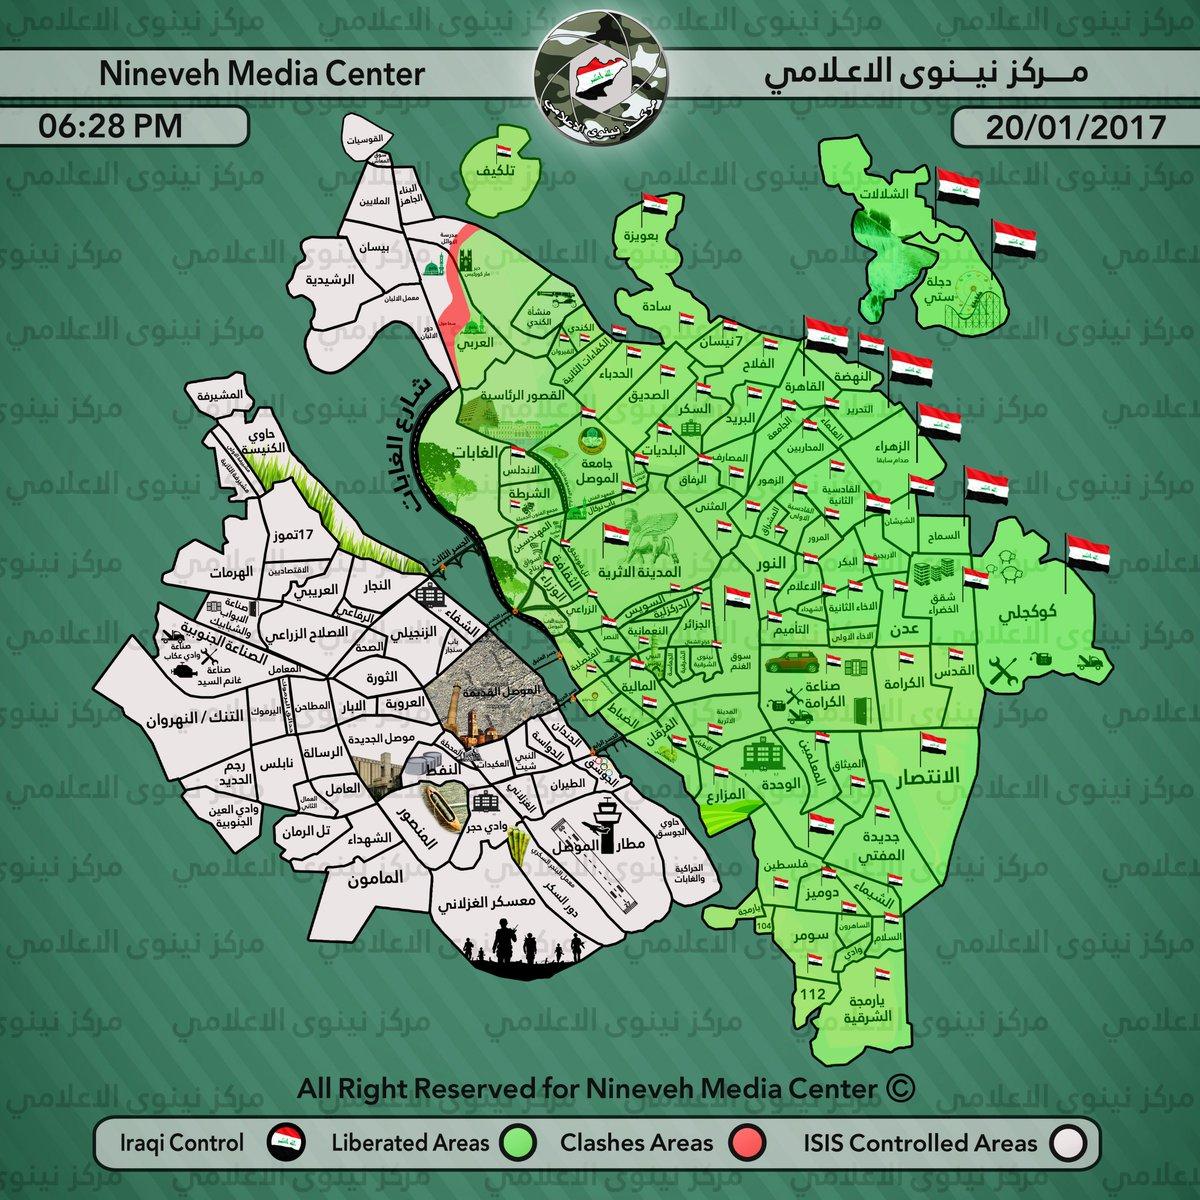 معركة الموصل - صفحة 3 C2n-rnfXAAAaK3e